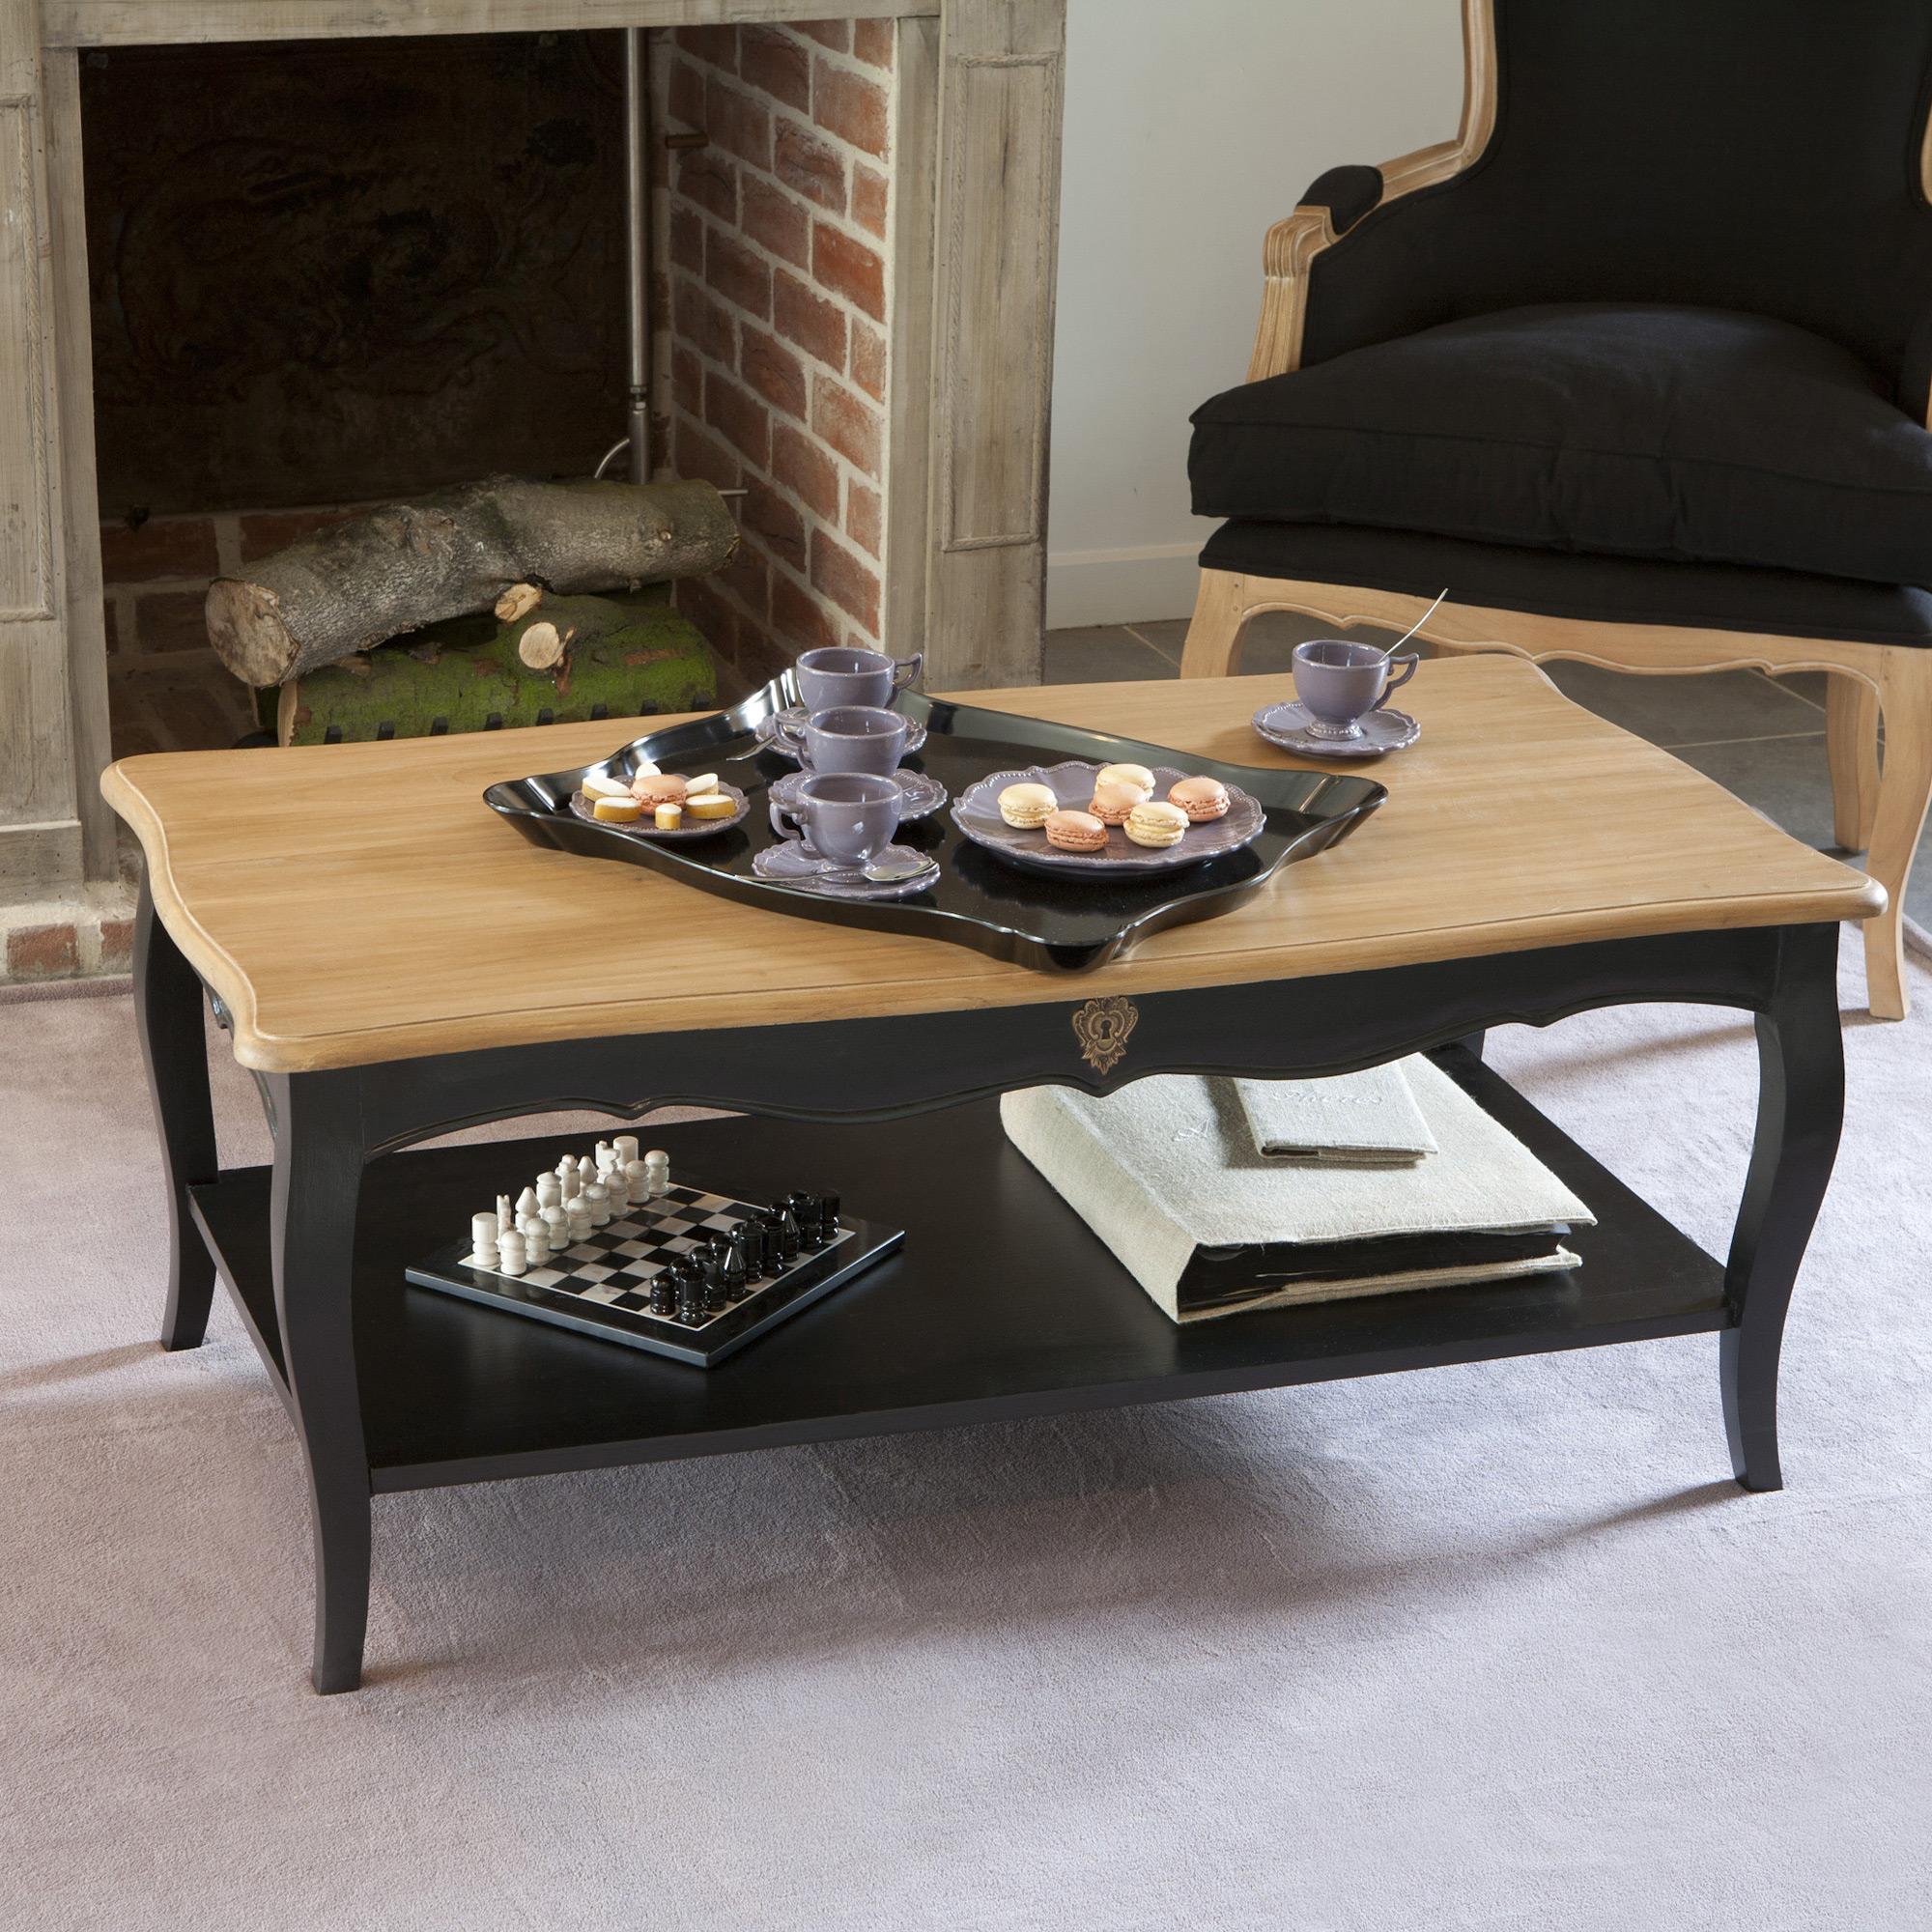 Table basse bois et pieds noirs